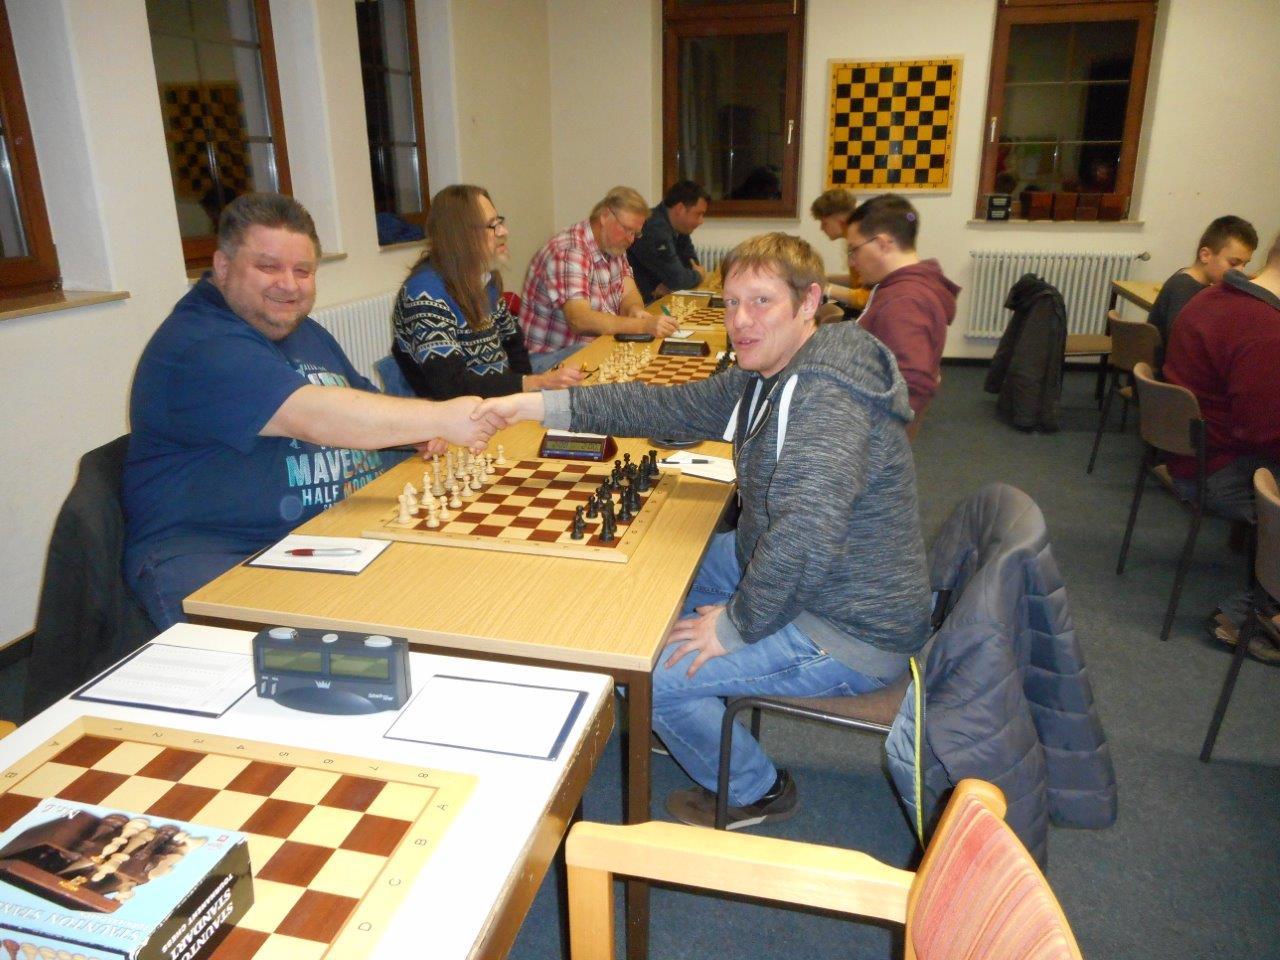 Der amtierende Bezirksmeister Johann Brittner startet in die Meisterschaft mit Weiß gegen Michael Blenk (Foto: Otto Jung)